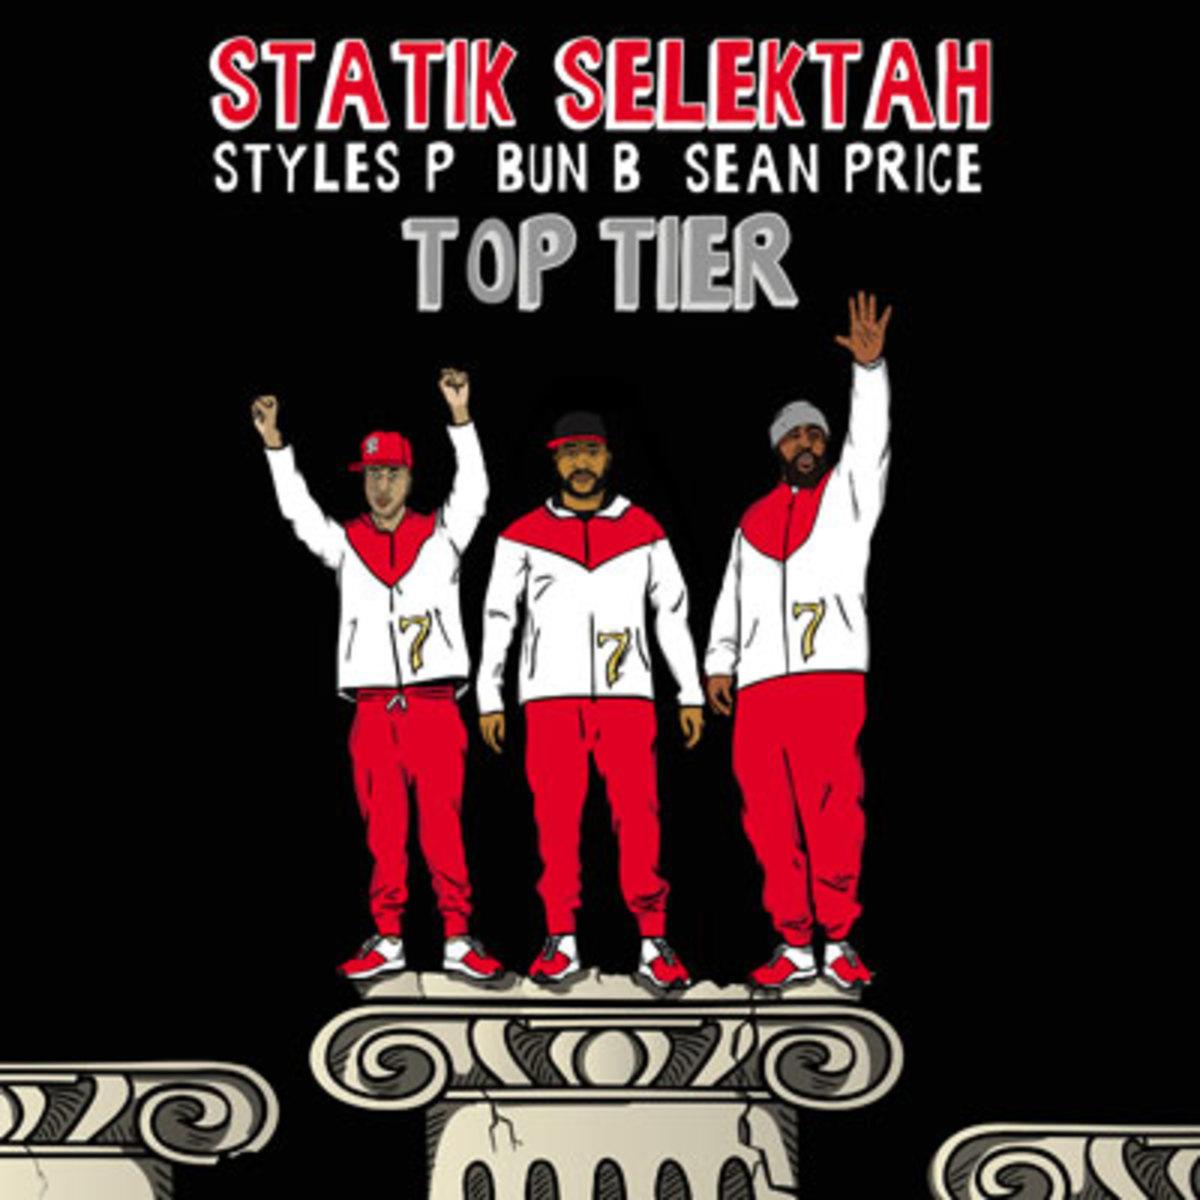 statik-selektah-top-tier.jpg